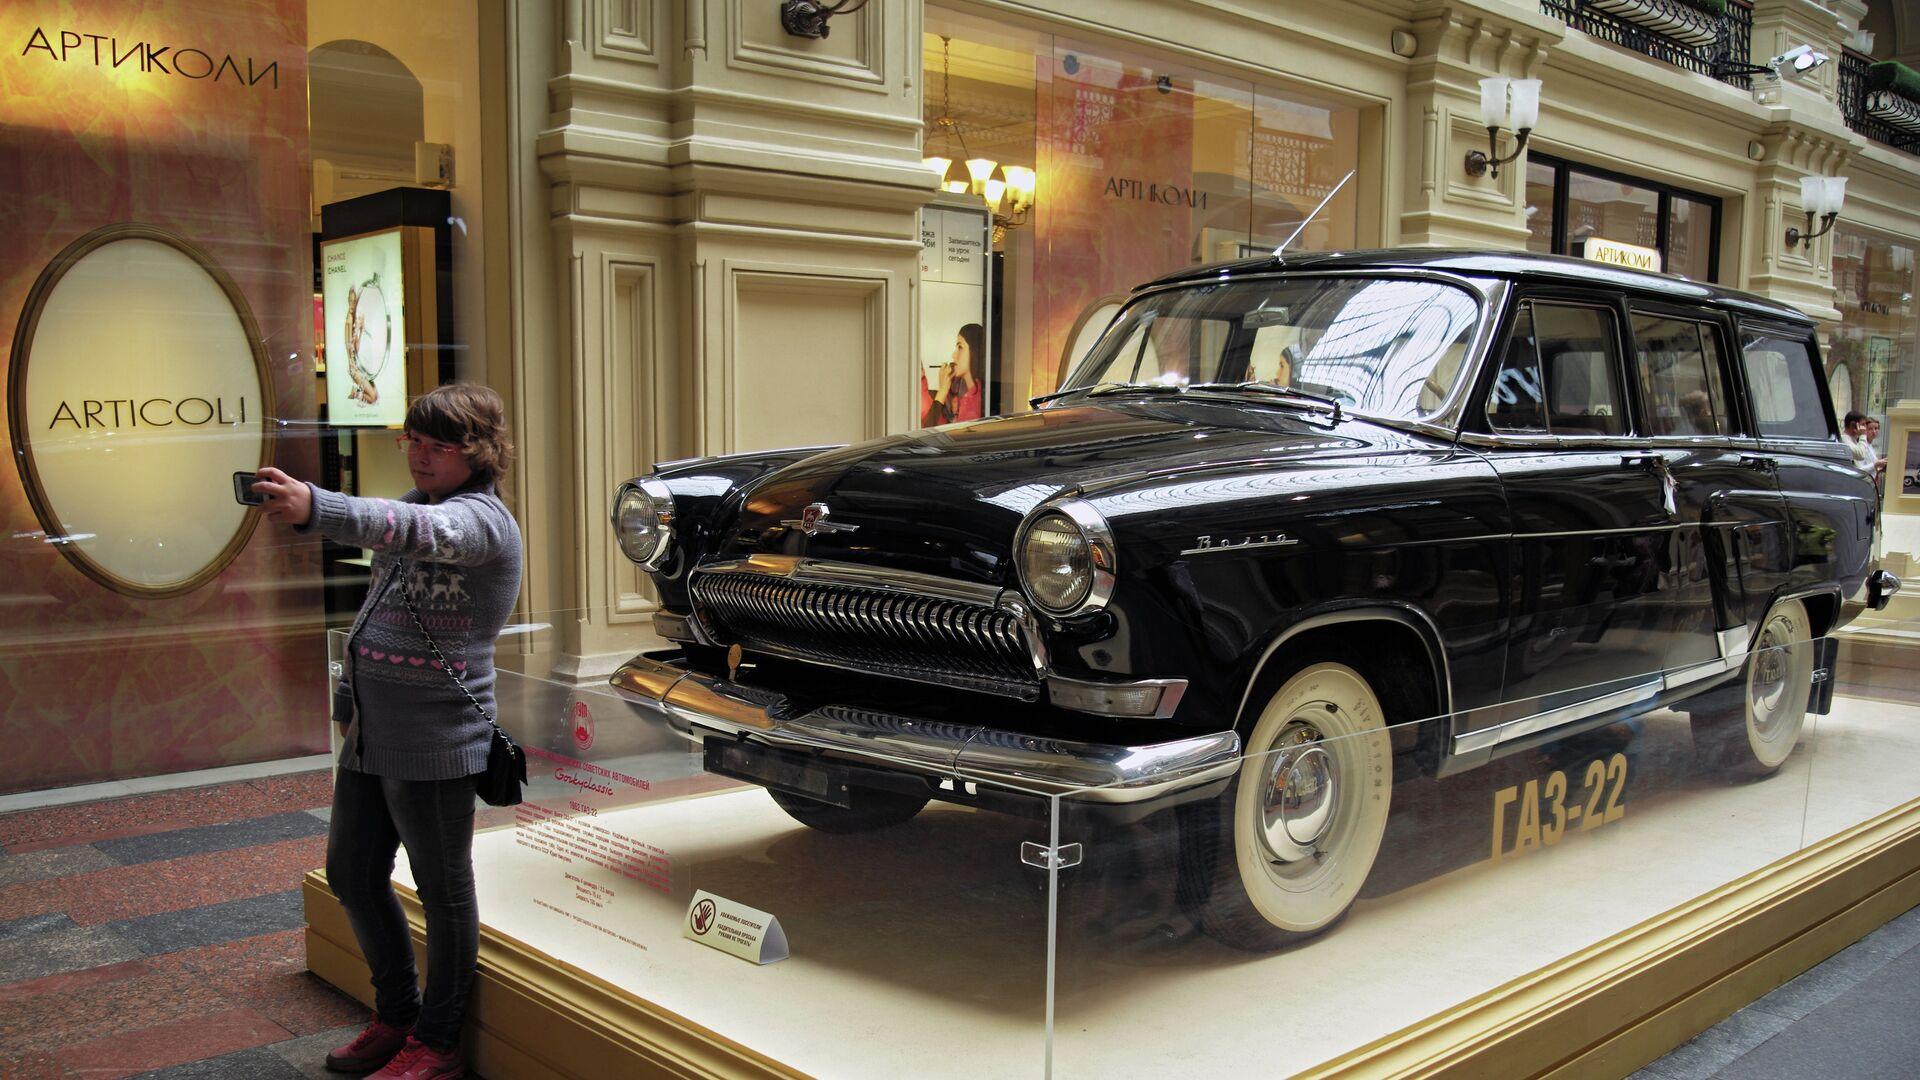 Автомобиль Волга ГАЗ-22 на выставке советских автомобилей в ГУМе - Sputnik Mundo, 1920, 13.09.2021